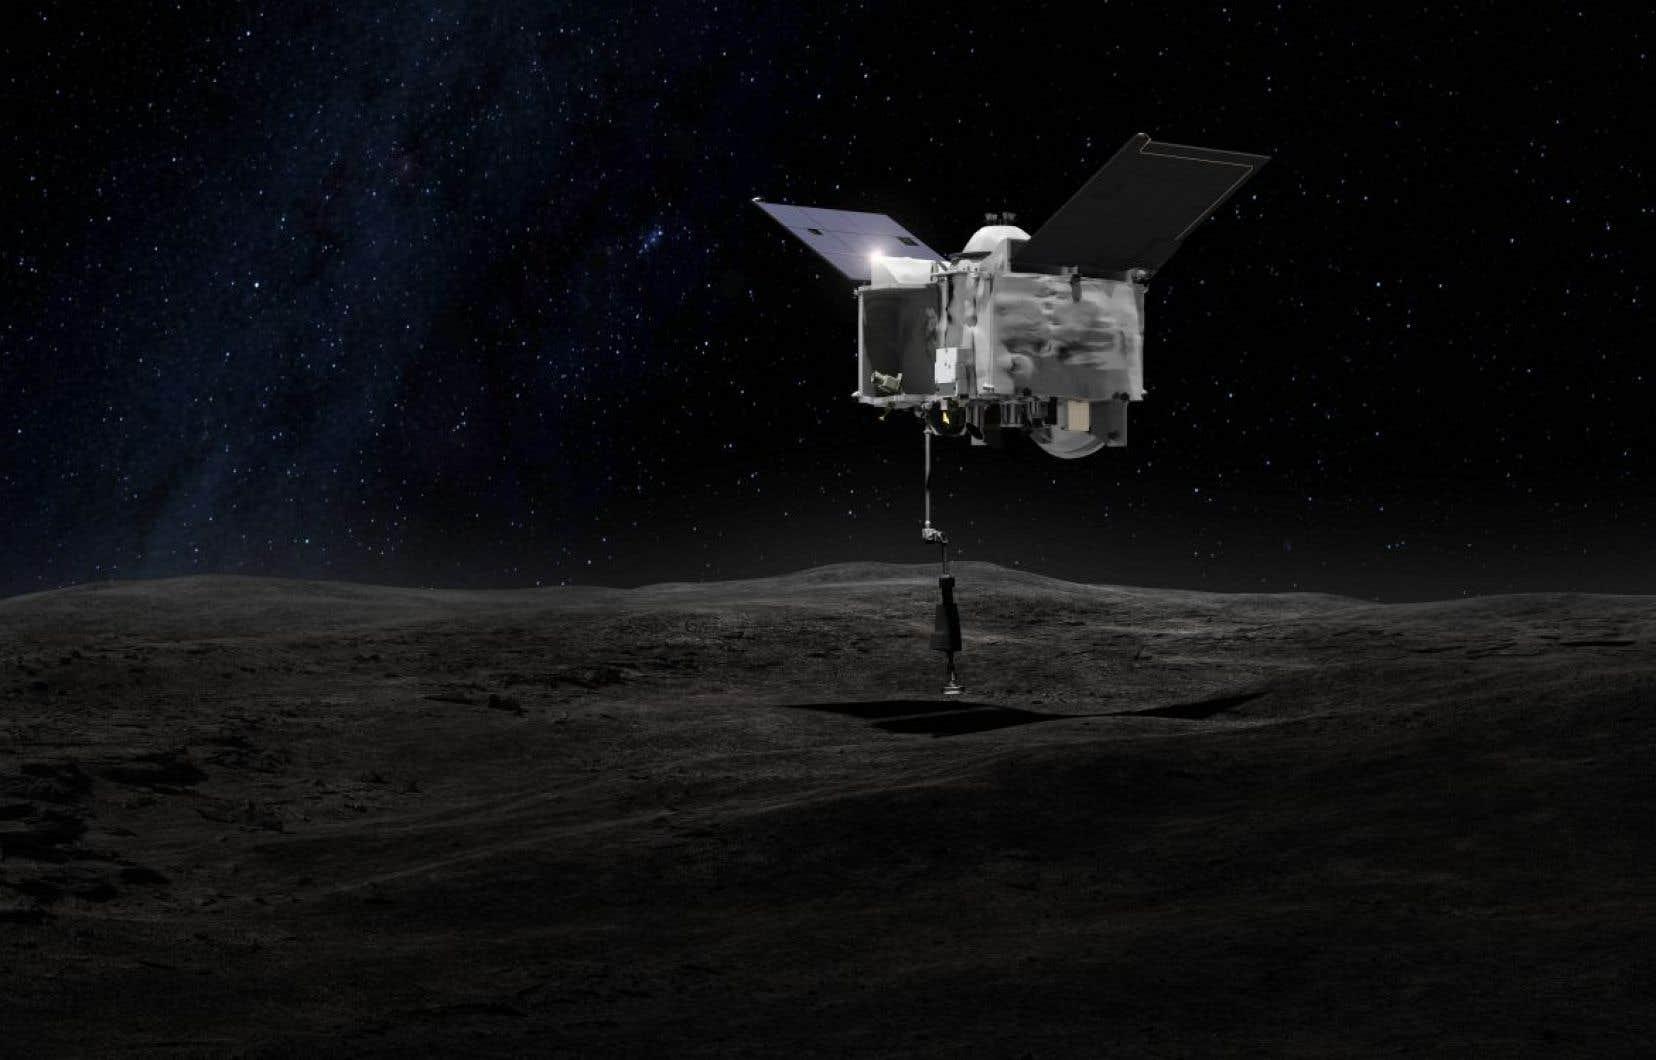 L'altimètre laser canadien OSIRIS-REx étudiera Bennu, un astéroïde susceptible d'entrer en collision avec la Terre vers la fin du XXIIe siècle.<br />